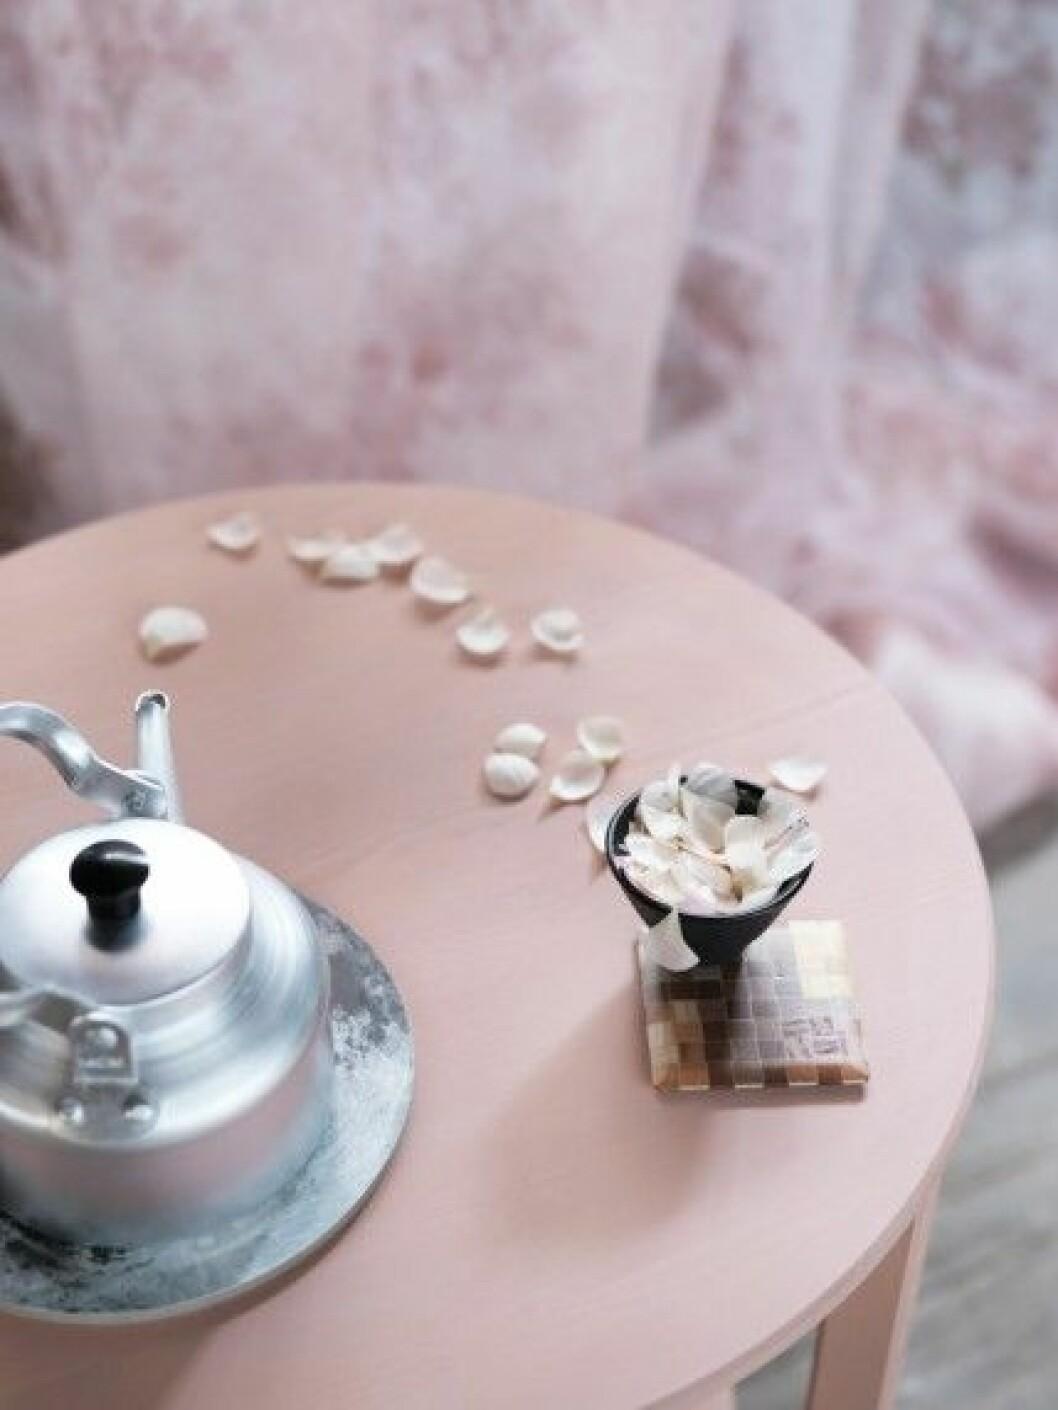 Vårinspiration-inredning Lo-bjurulf-Stellan-herner-rosa-bord-tekanna-blommig-gardin